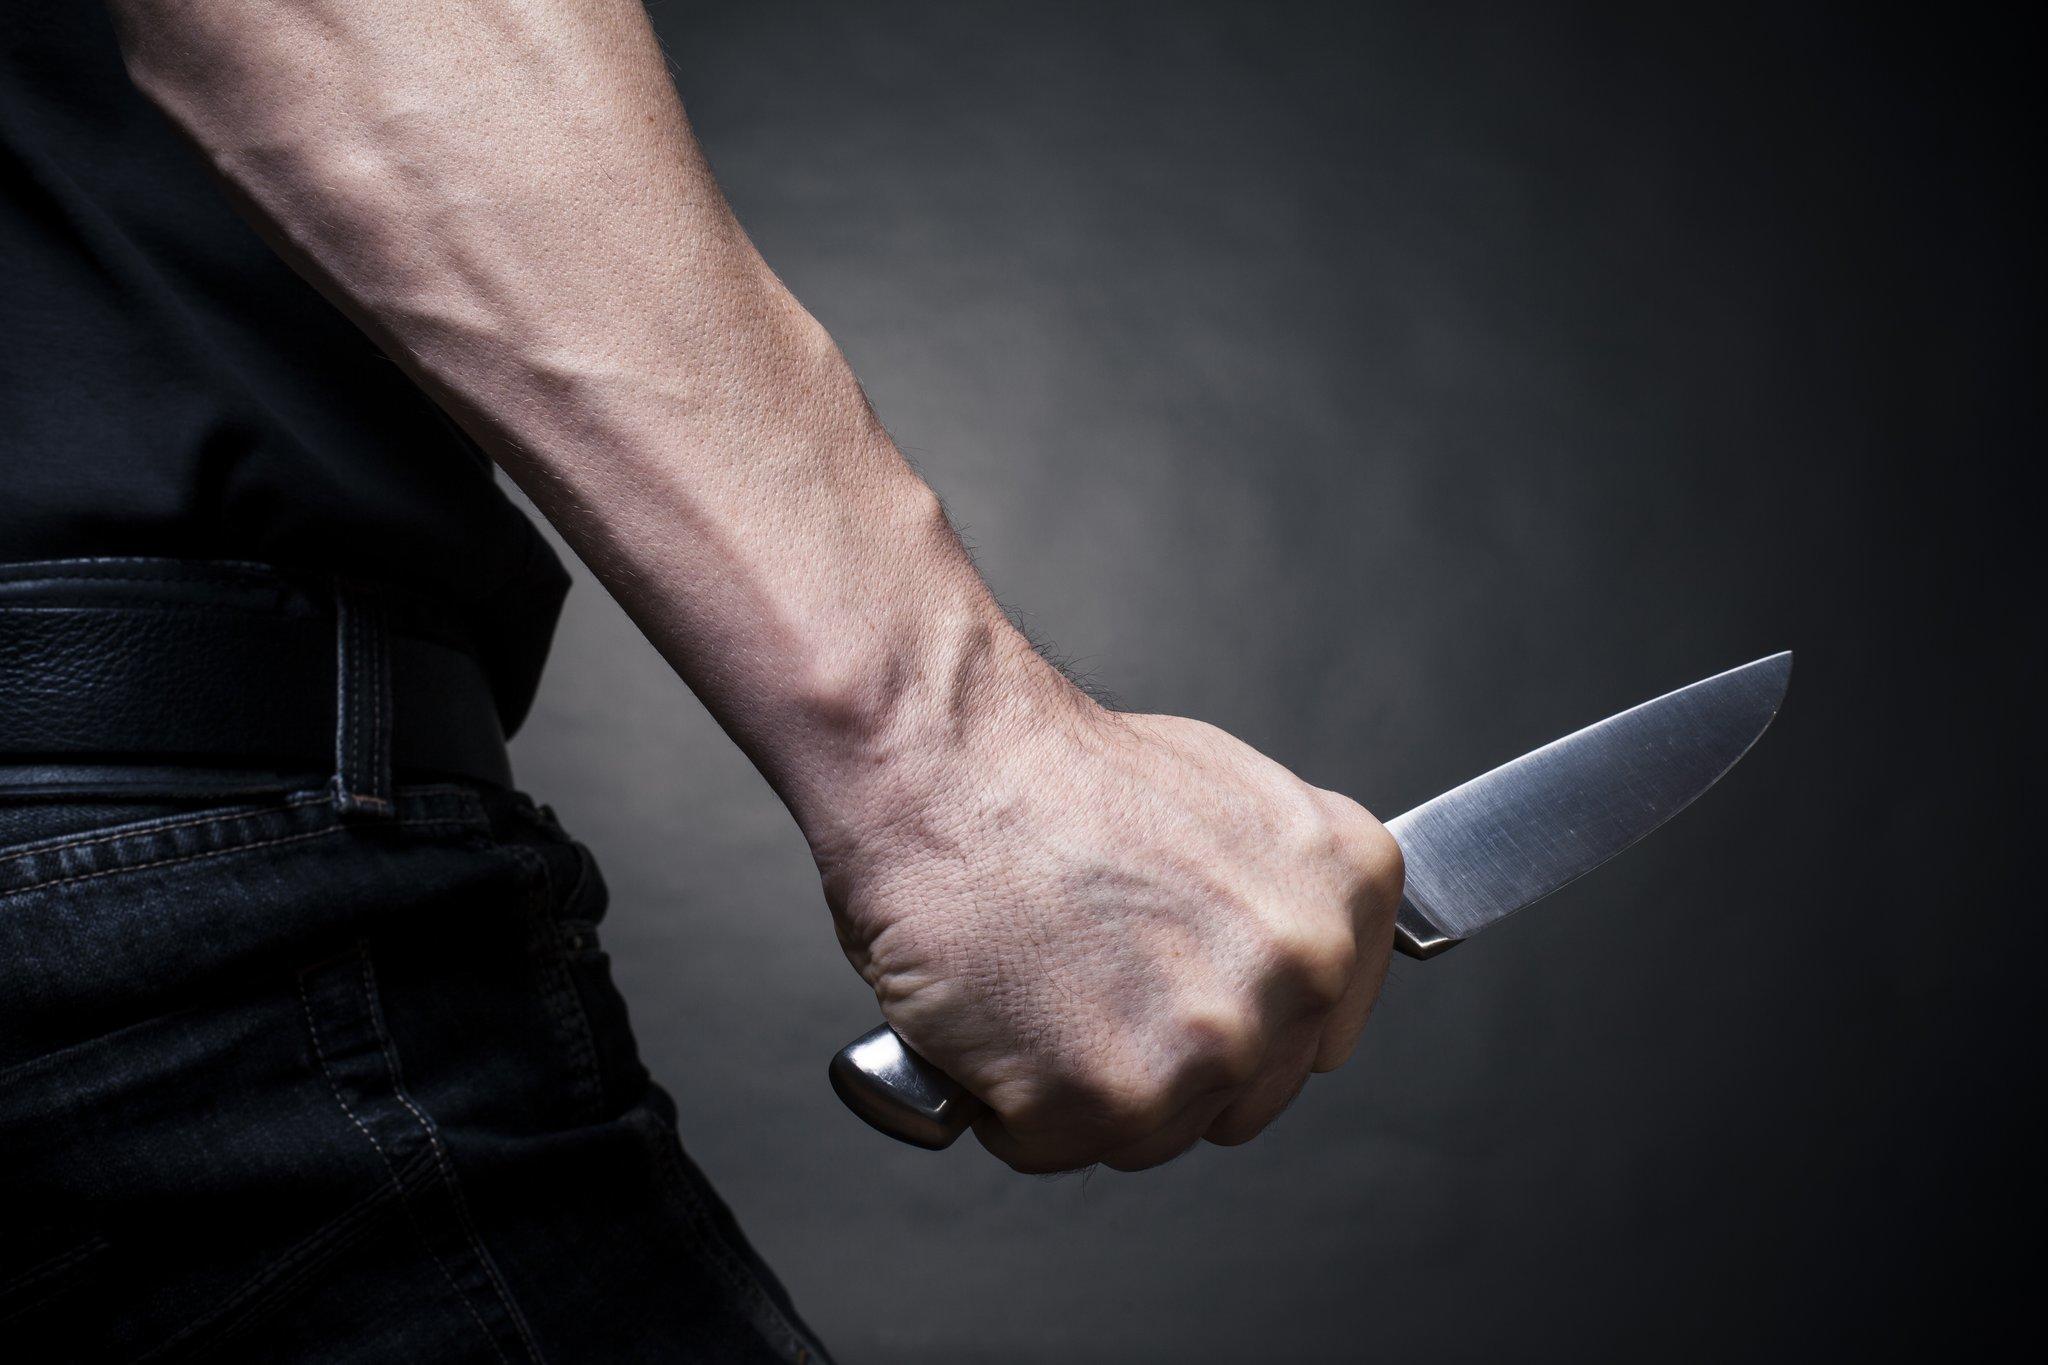 В Алтайском крае 17-летний парень заступился за своего знакомого и был убит